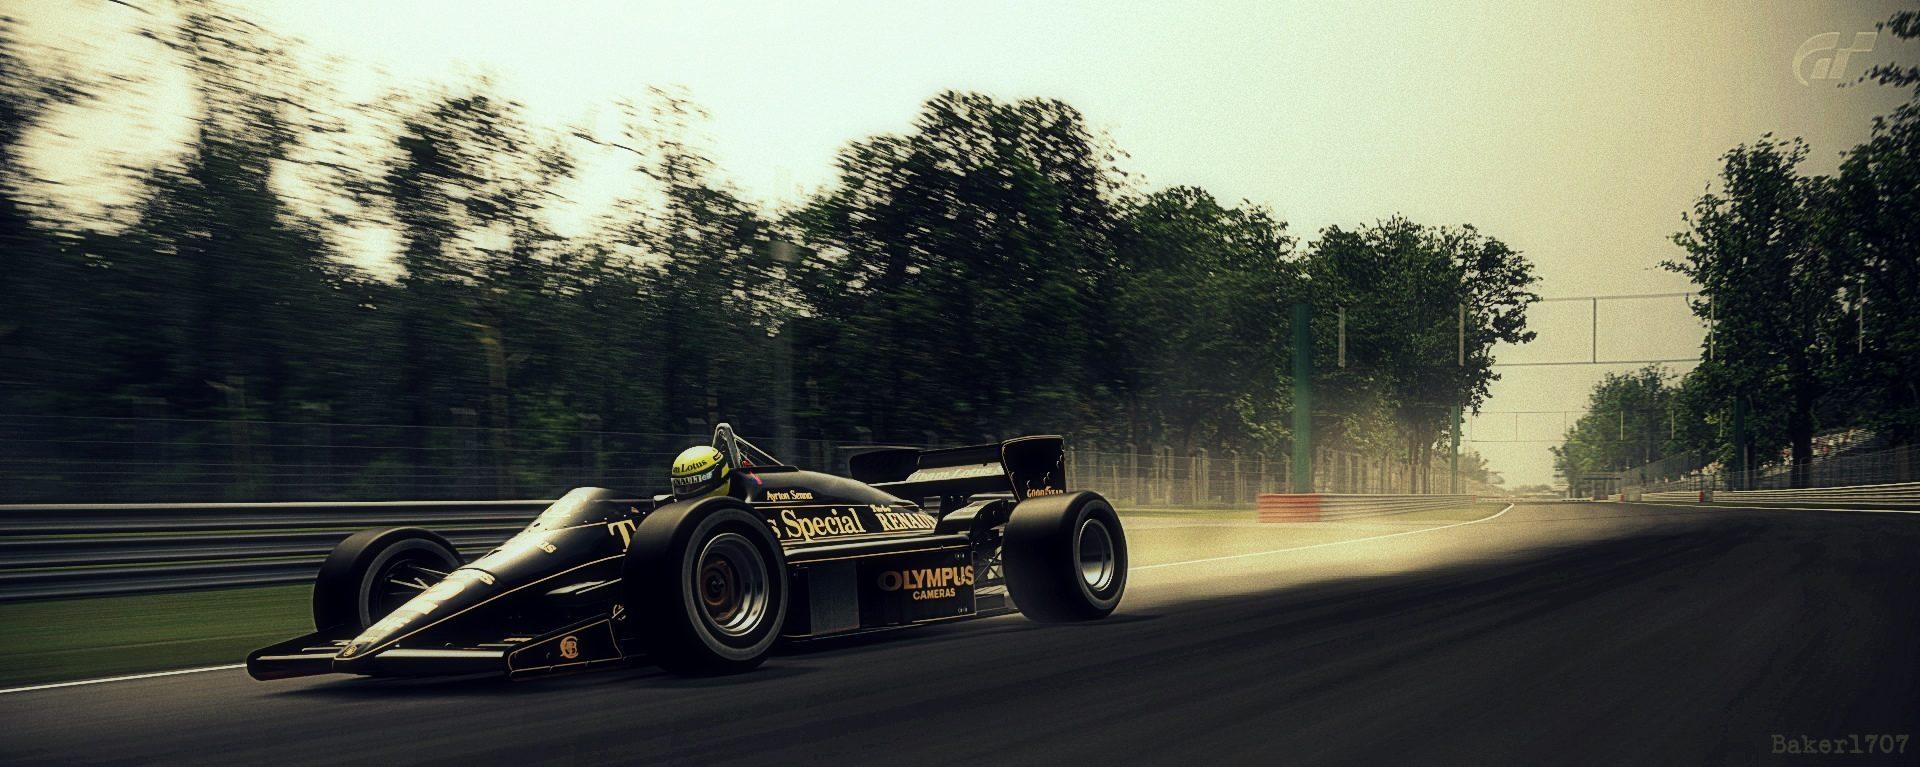 Autodromo Nazionale Monza '80s_44 edit.jpg